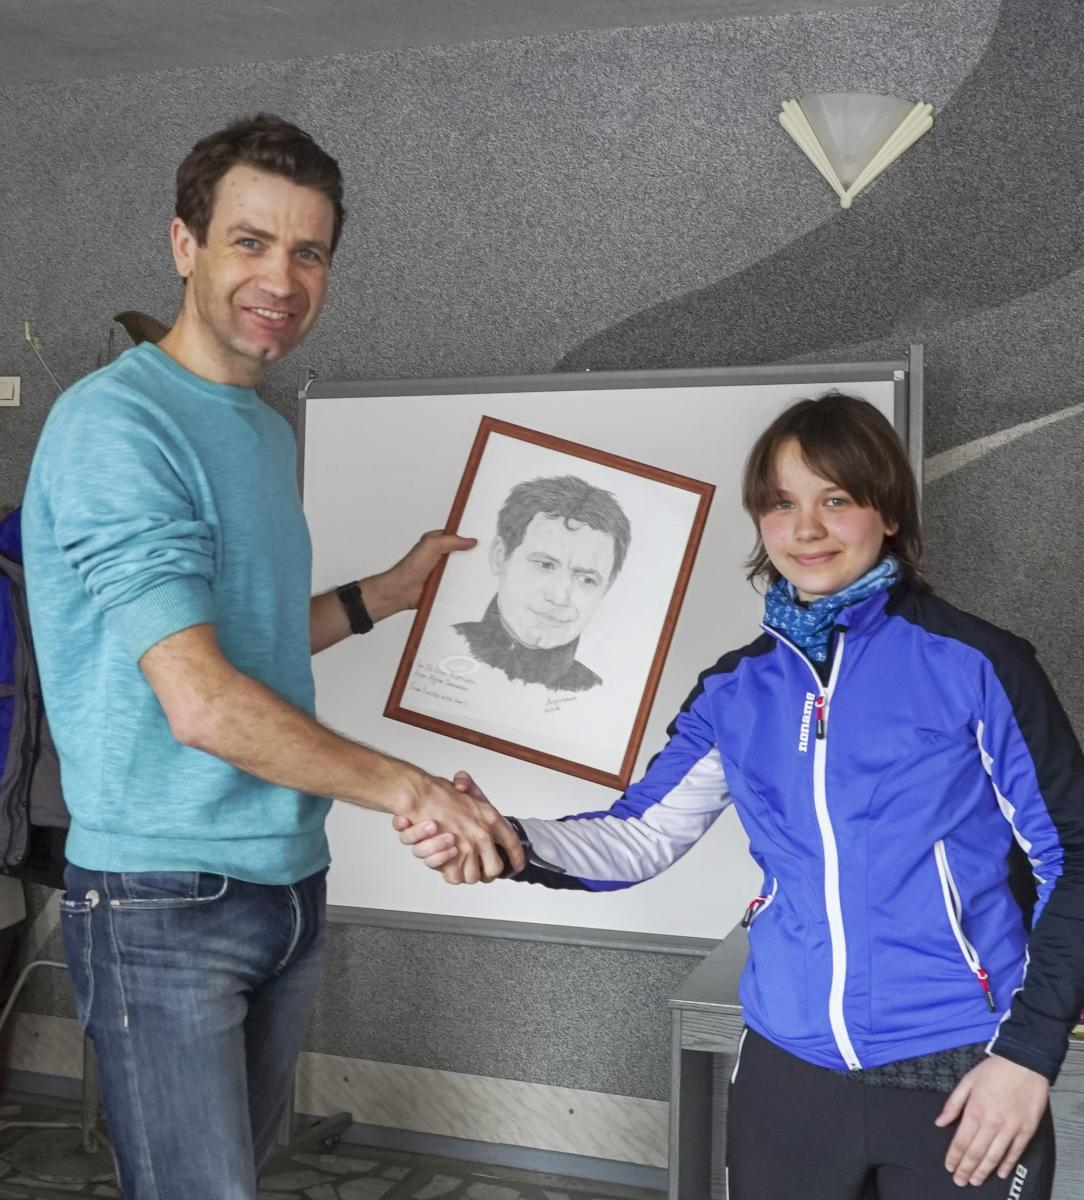 Вологодский спортсмен по лыжам знаменитый фото 161-907